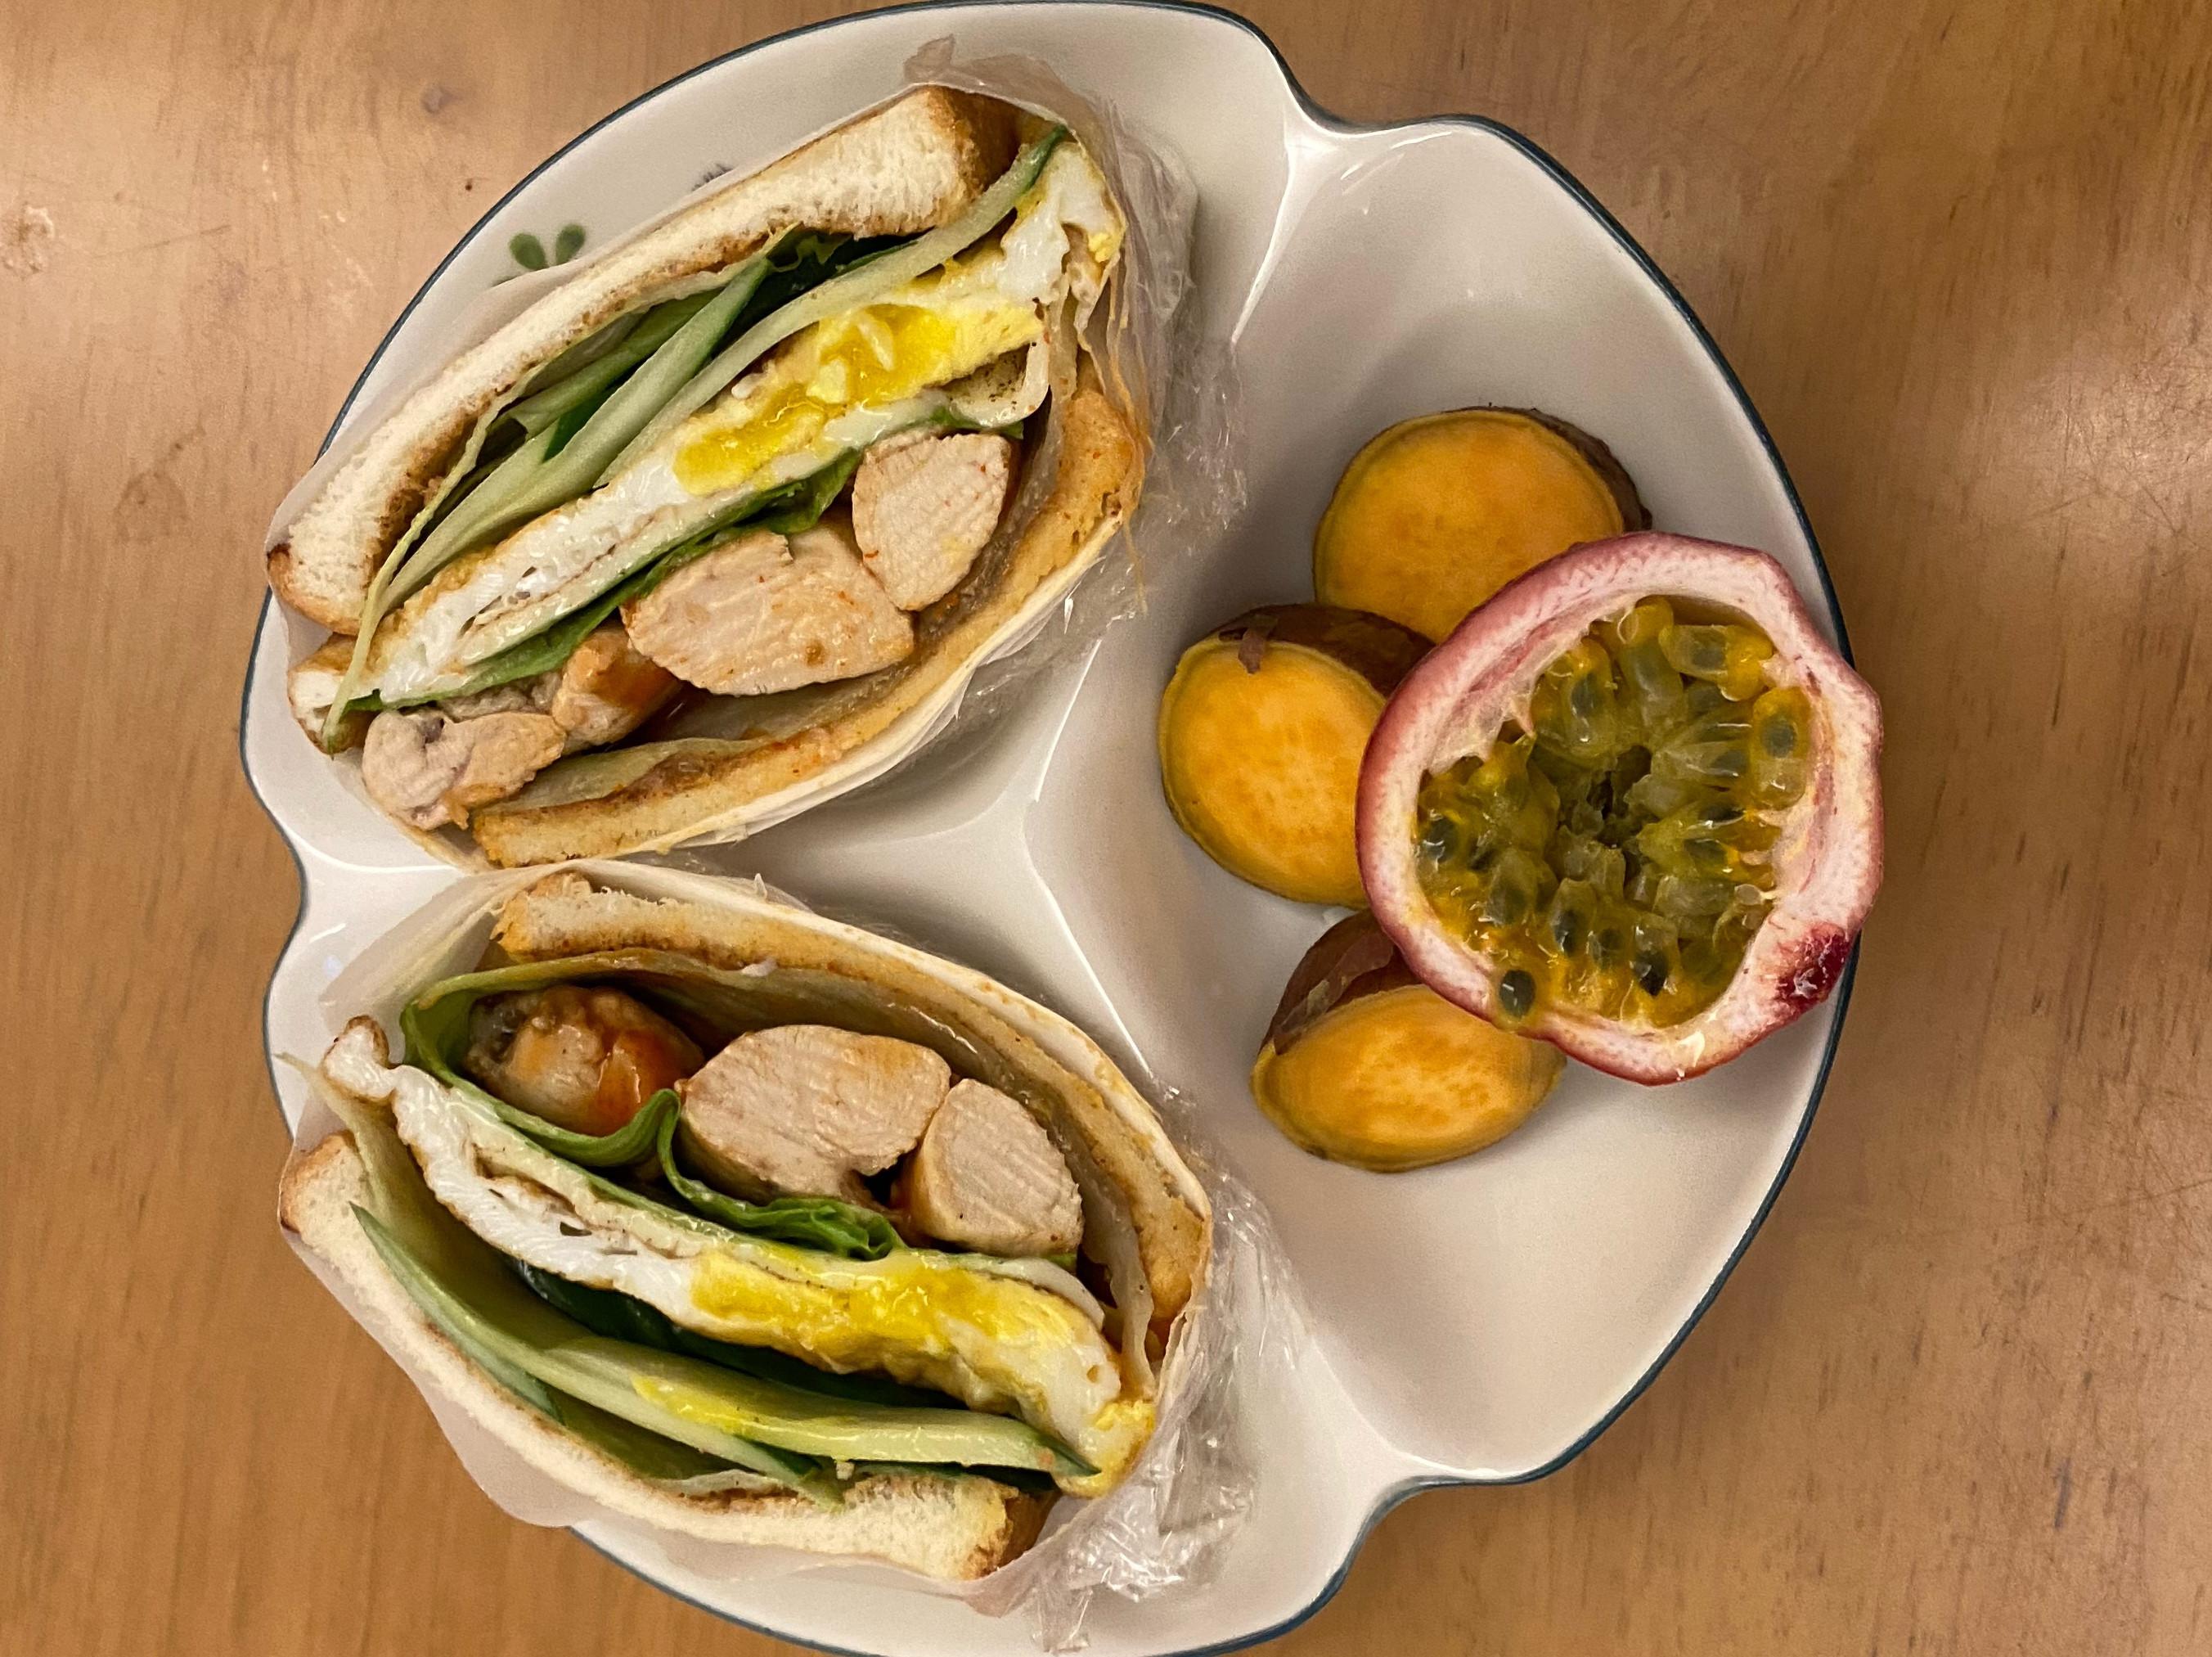 雞肉起士蛋花生醬三明治